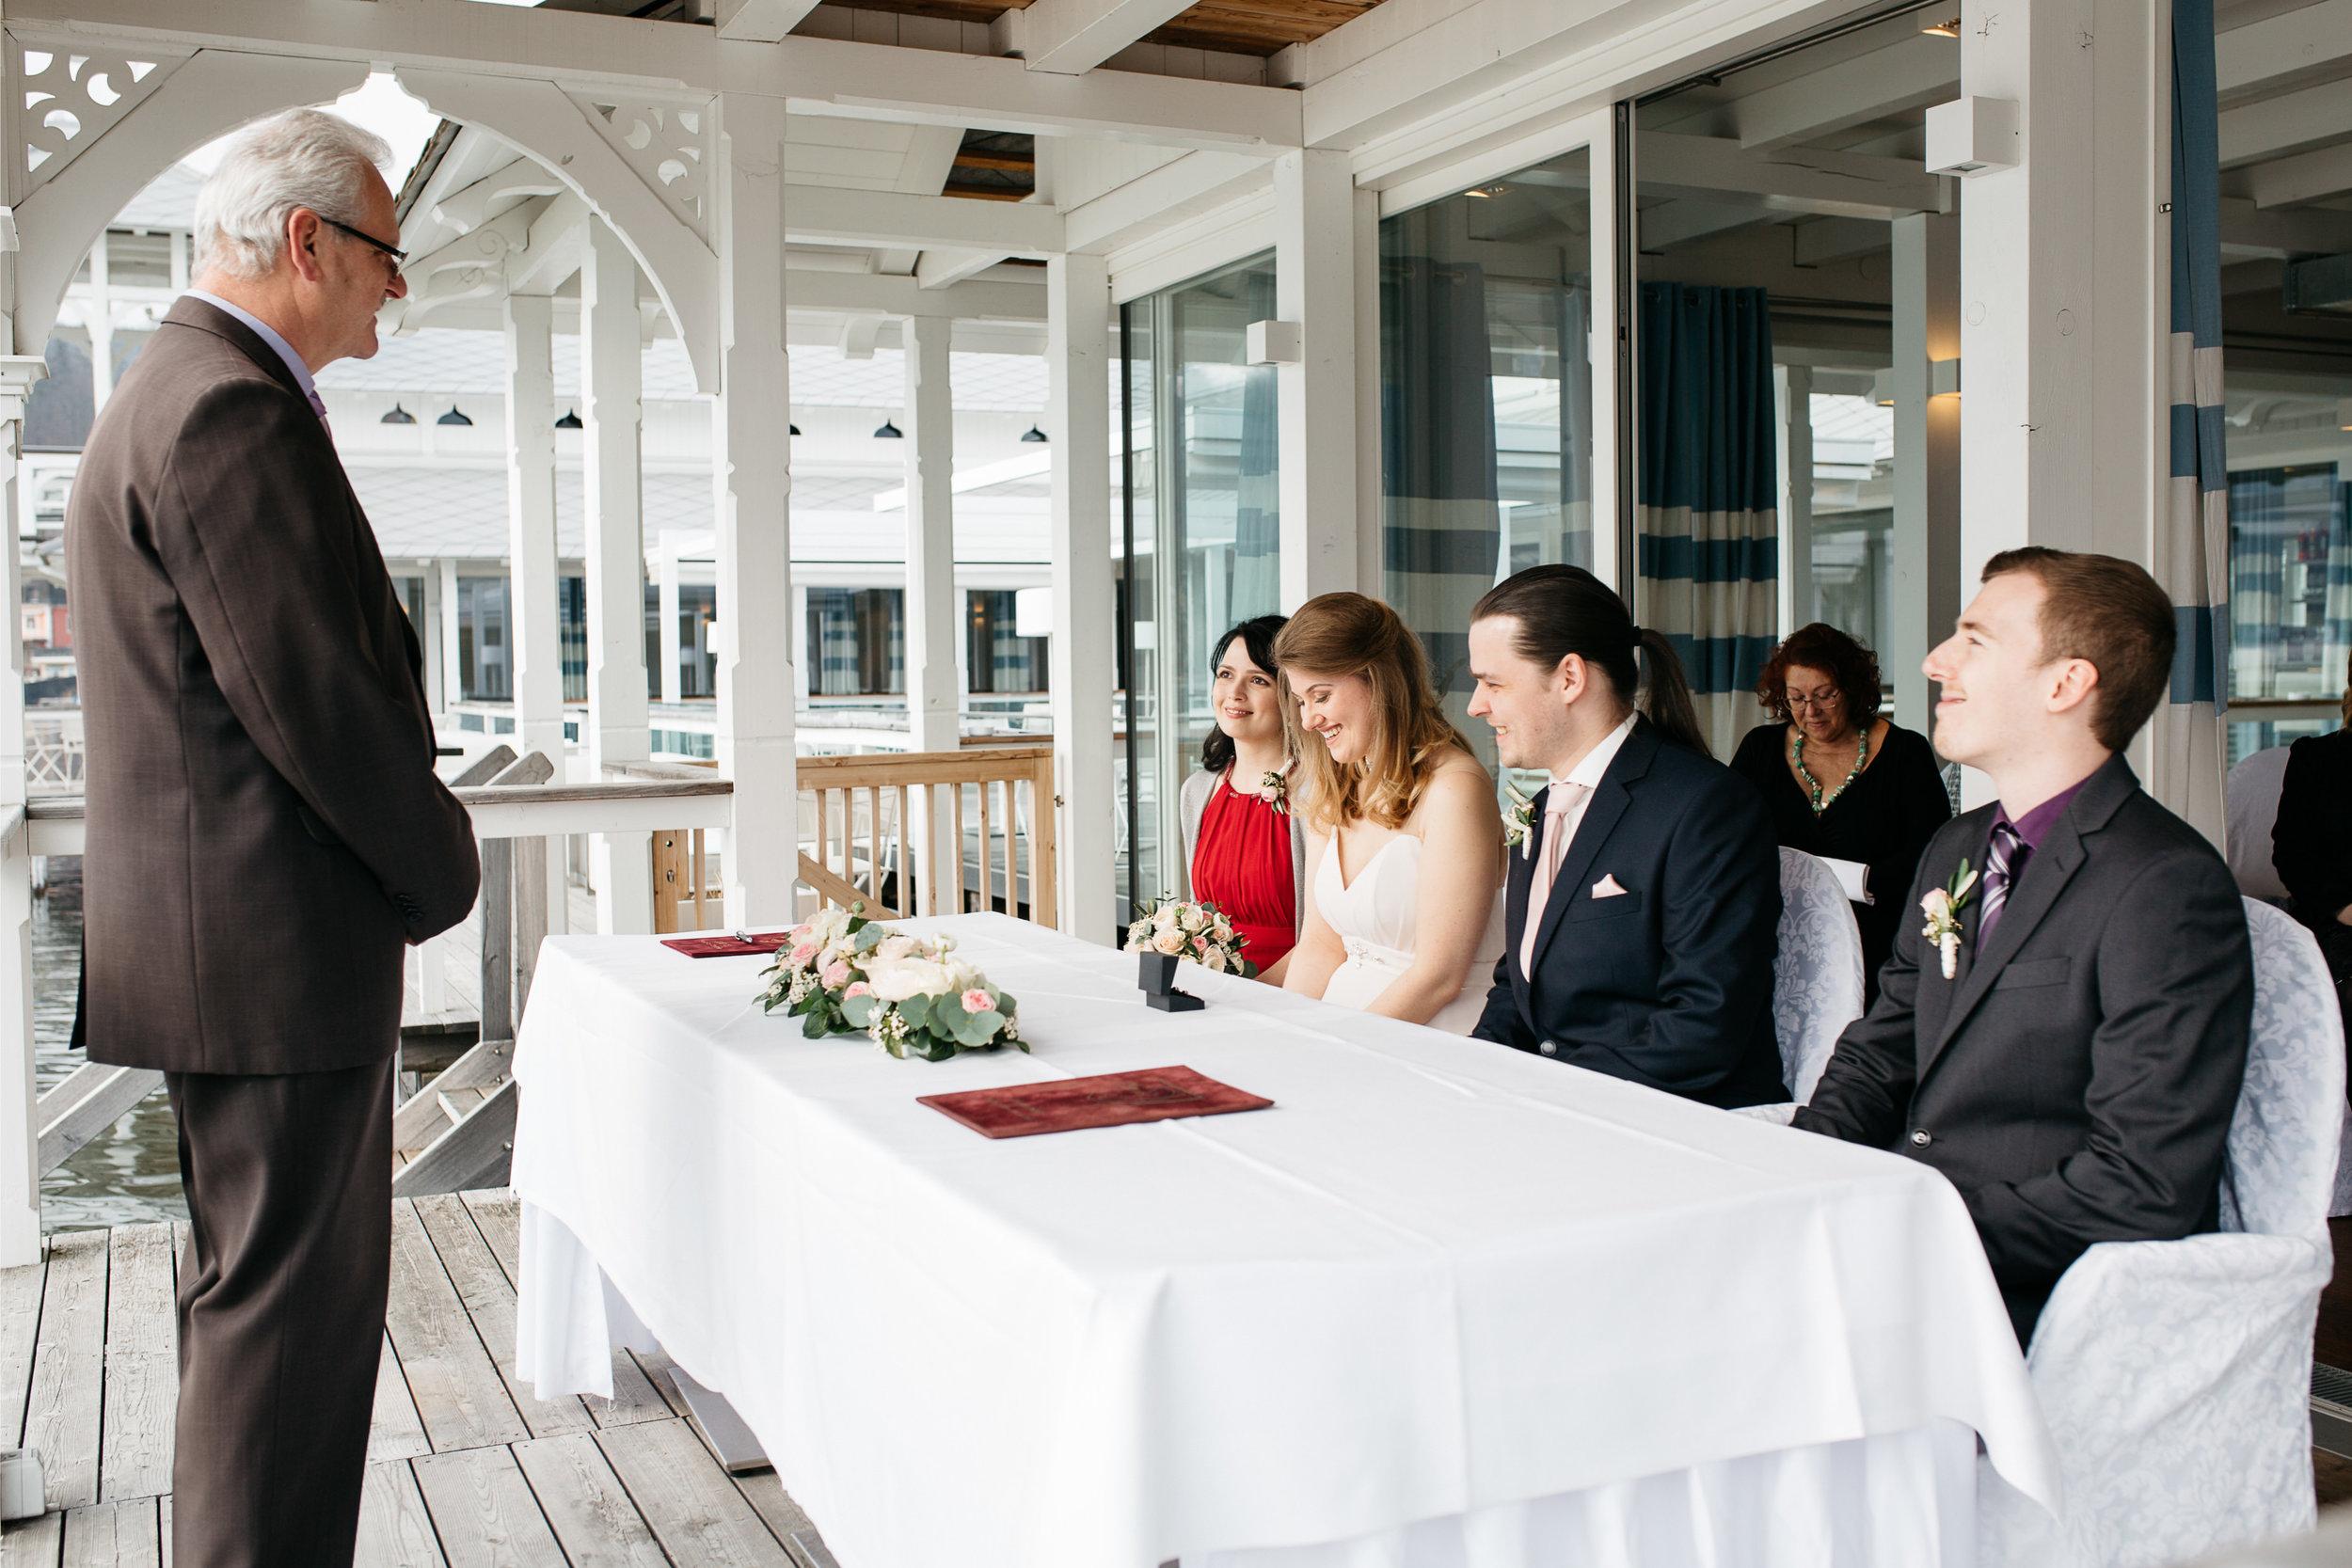 spring_lake_wedding_in_white_rose-04.jpg